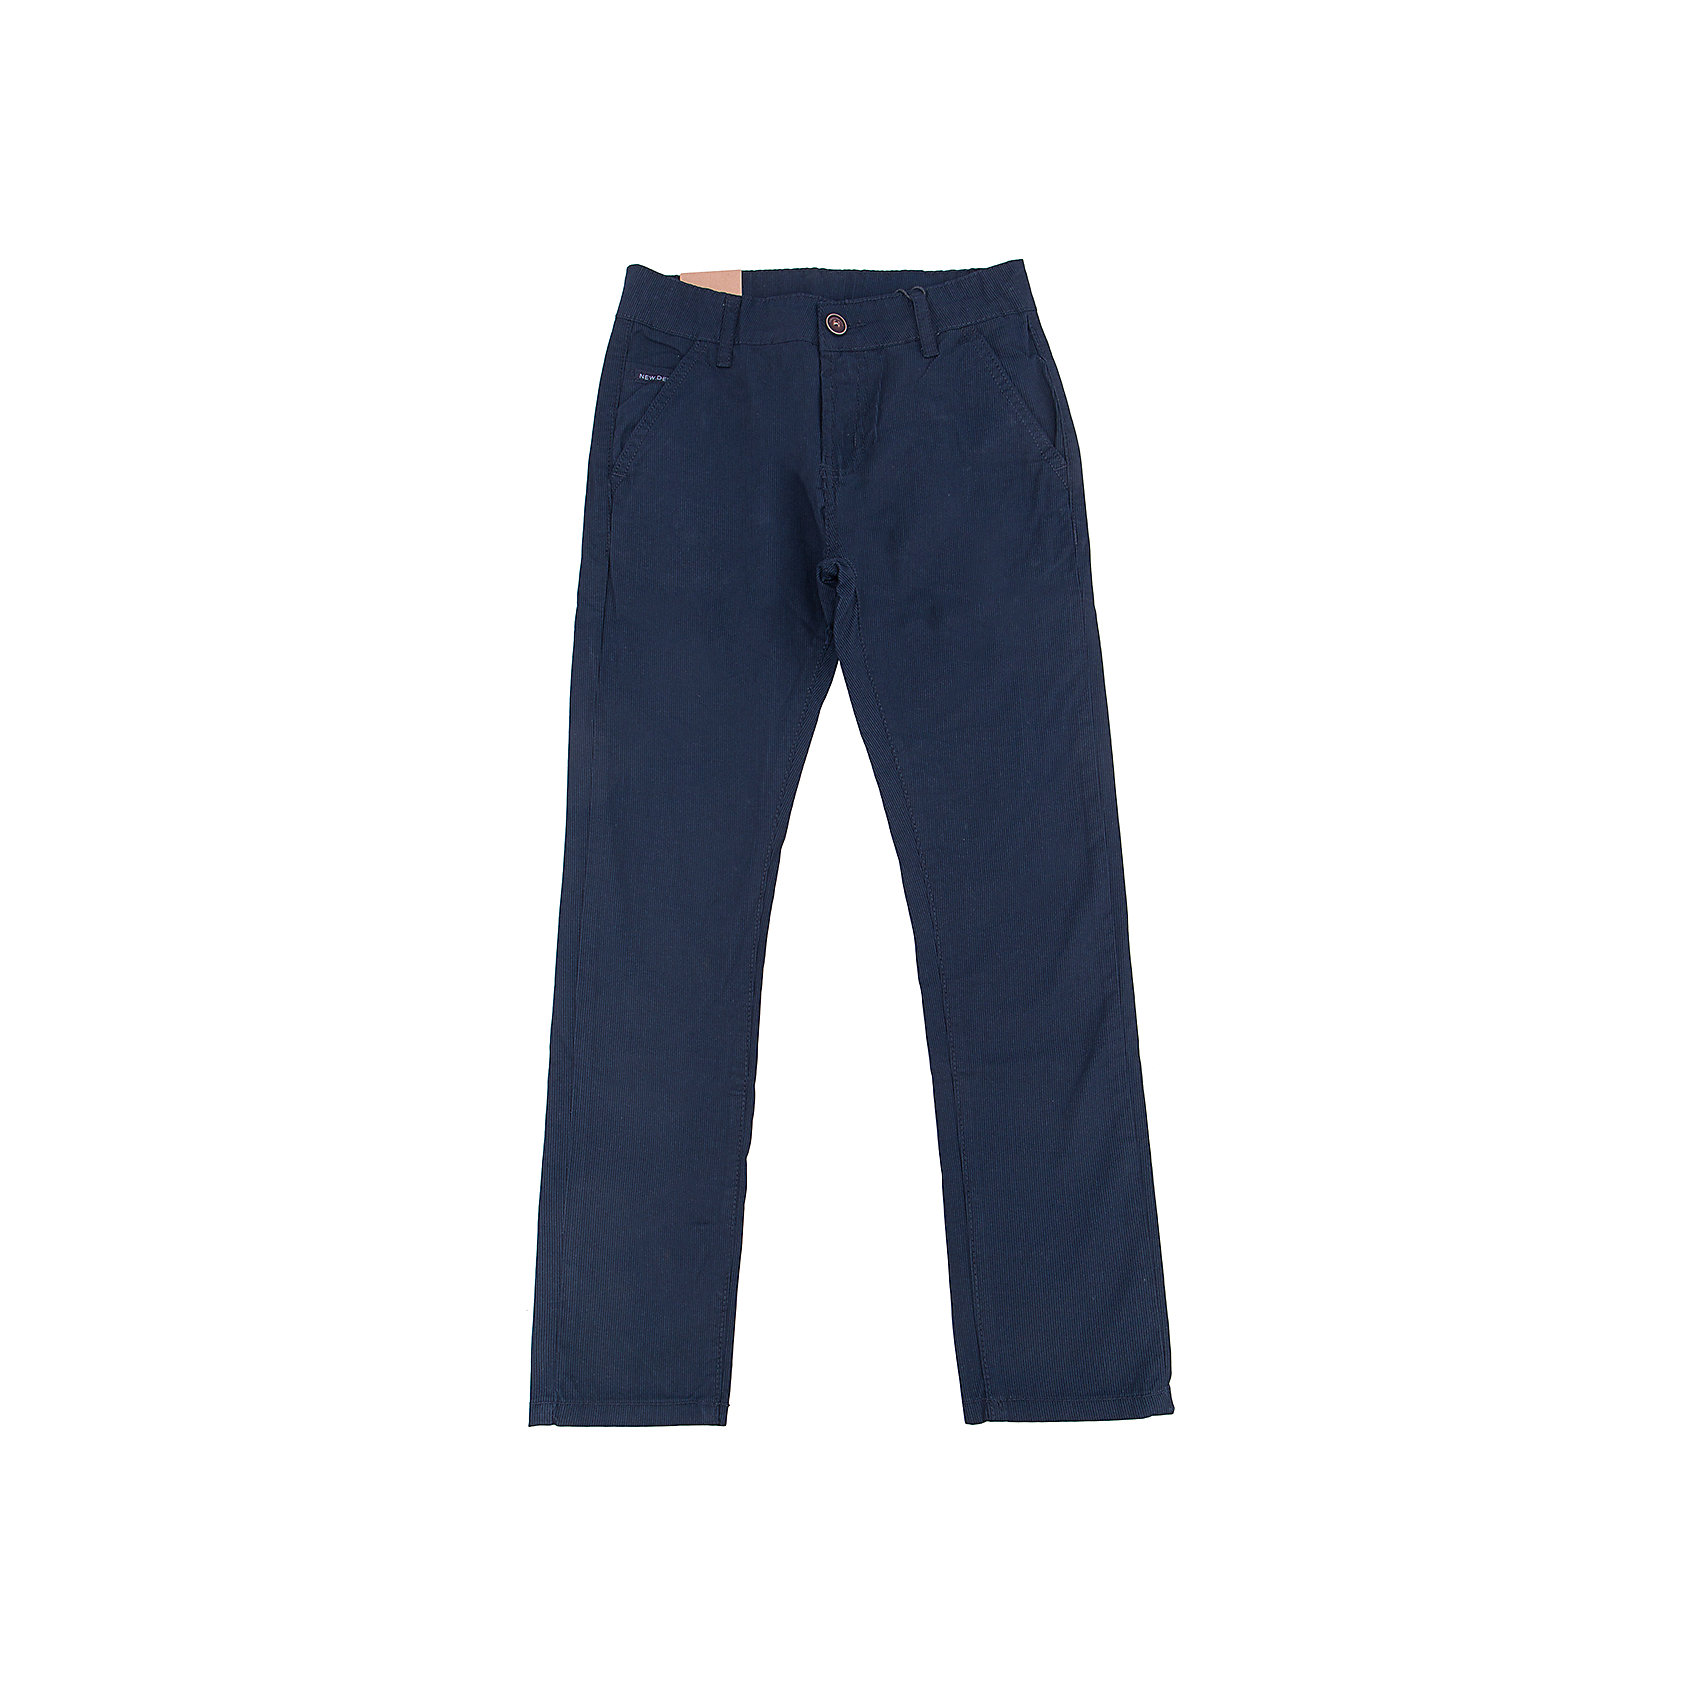 Брюки для мальчика LuminosoБрюки<br>Характеристики товара:<br><br>- цвет: синий;<br>- материал: 98% хлопок, 2% эластан;<br>- застежка: пуговица и молния;<br>- пояс регулируется внутренней резинкой на пуговицах;<br>- шлевки для ремня.<br><br>Стильная одежда от бренда Luminoso (Люминосо), созданная при участии итальянских дизайнеров, учитывает потребности подростков и последние веяния моды. Она удобная и модная.<br>Эти брюки выглядят стильно, но при этом подходят для ежедневного ношения. Они хорошо сидят на ребенке, обеспечивают комфорт и отлично сочетаются с одежной разных стилей. Модель отличается высоким качеством материала и продуманным дизайном. Натуральный хлопок в составе изделия делает его дышащим, приятным на ощупь и гипоаллергеным.<br><br>Брюки для мальчика от бренда Luminoso (Люминосо) можно купить в нашем интернет-магазине.<br><br>Ширина мм: 215<br>Глубина мм: 88<br>Высота мм: 191<br>Вес г: 336<br>Цвет: синий<br>Возраст от месяцев: 144<br>Возраст до месяцев: 156<br>Пол: Мужской<br>Возраст: Детский<br>Размер: 158,164,134,140,146,152<br>SKU: 4930998